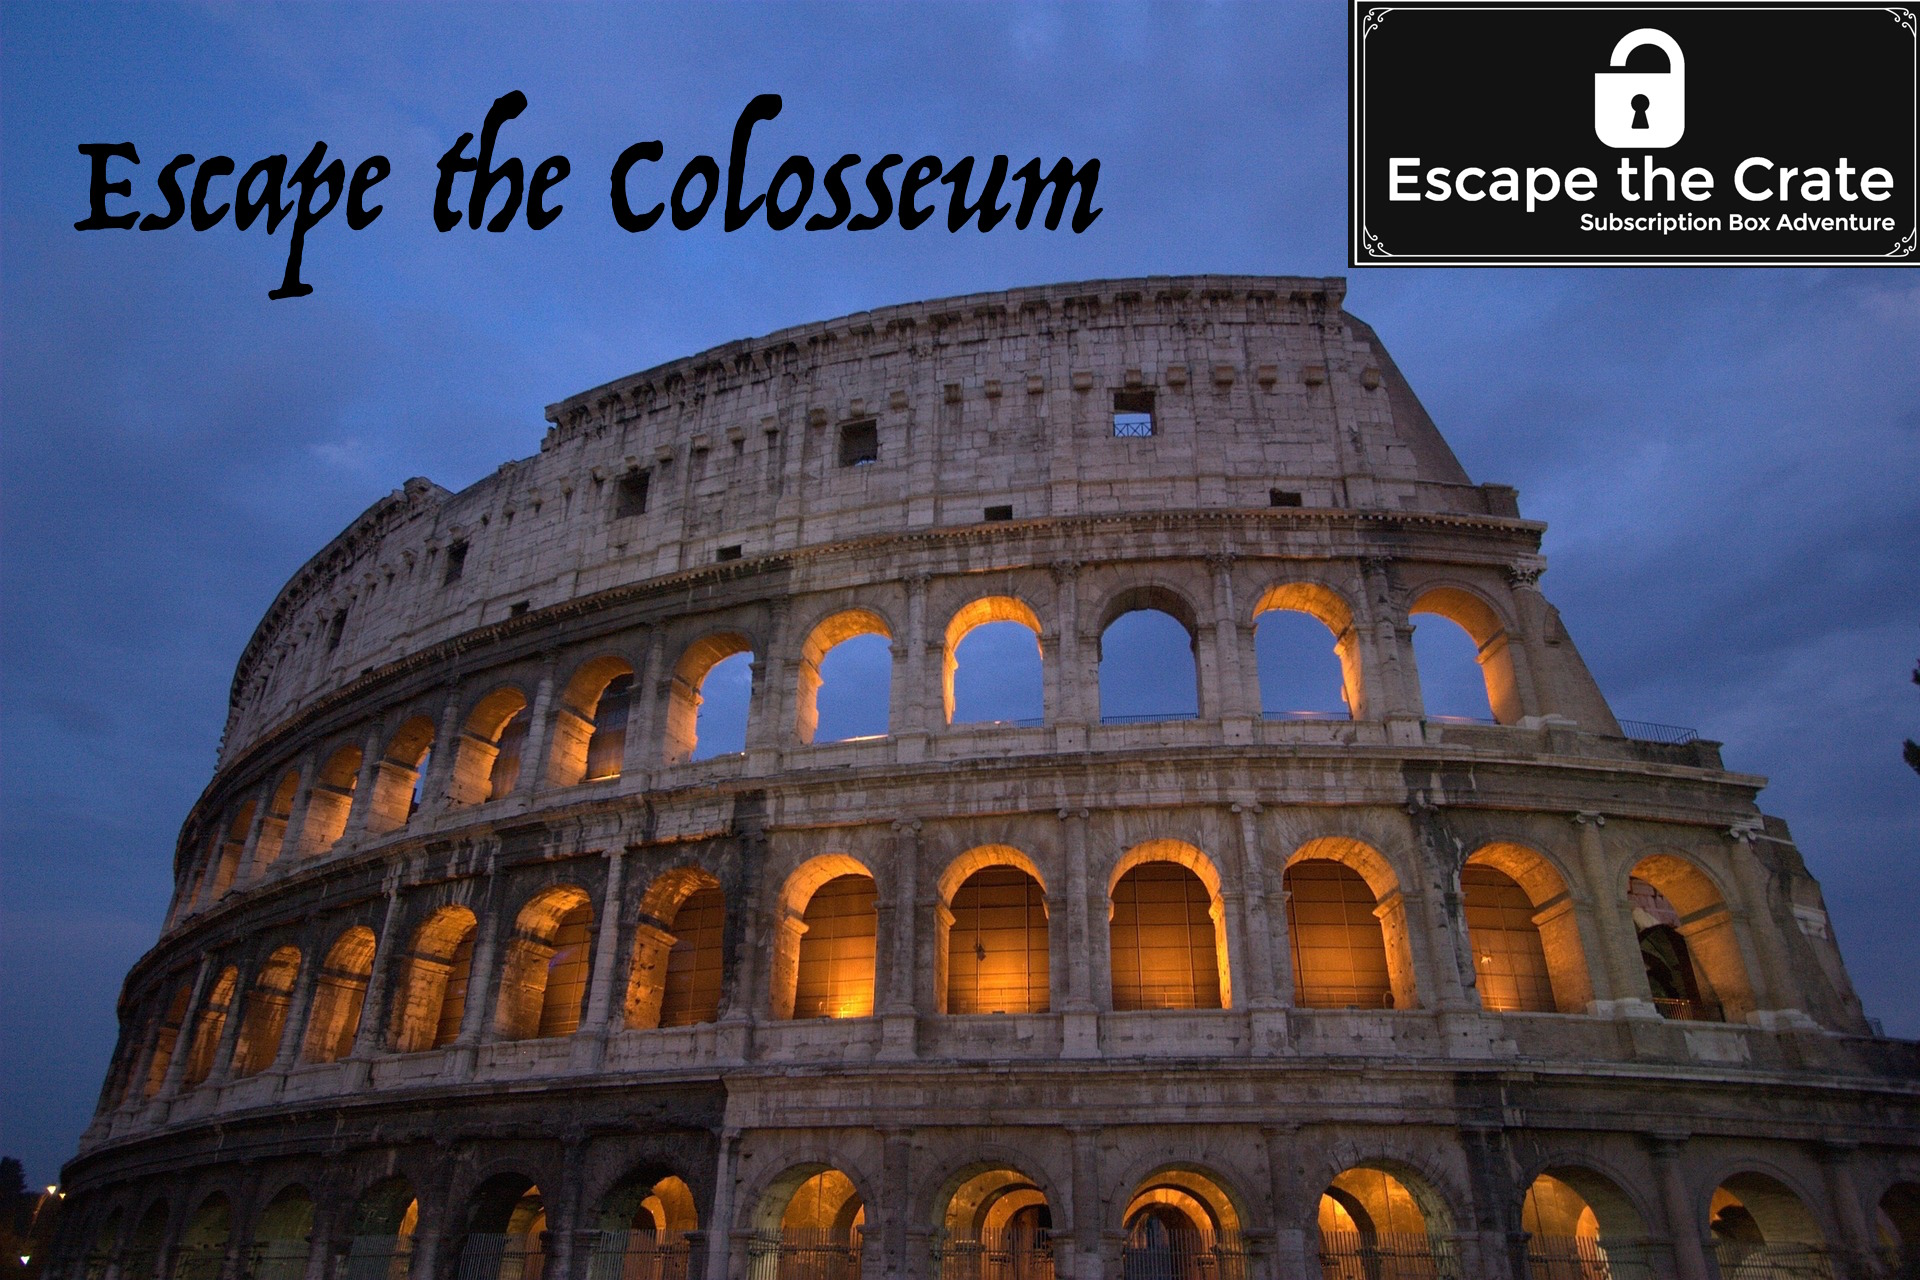 colosseum-690384_1920.jpg